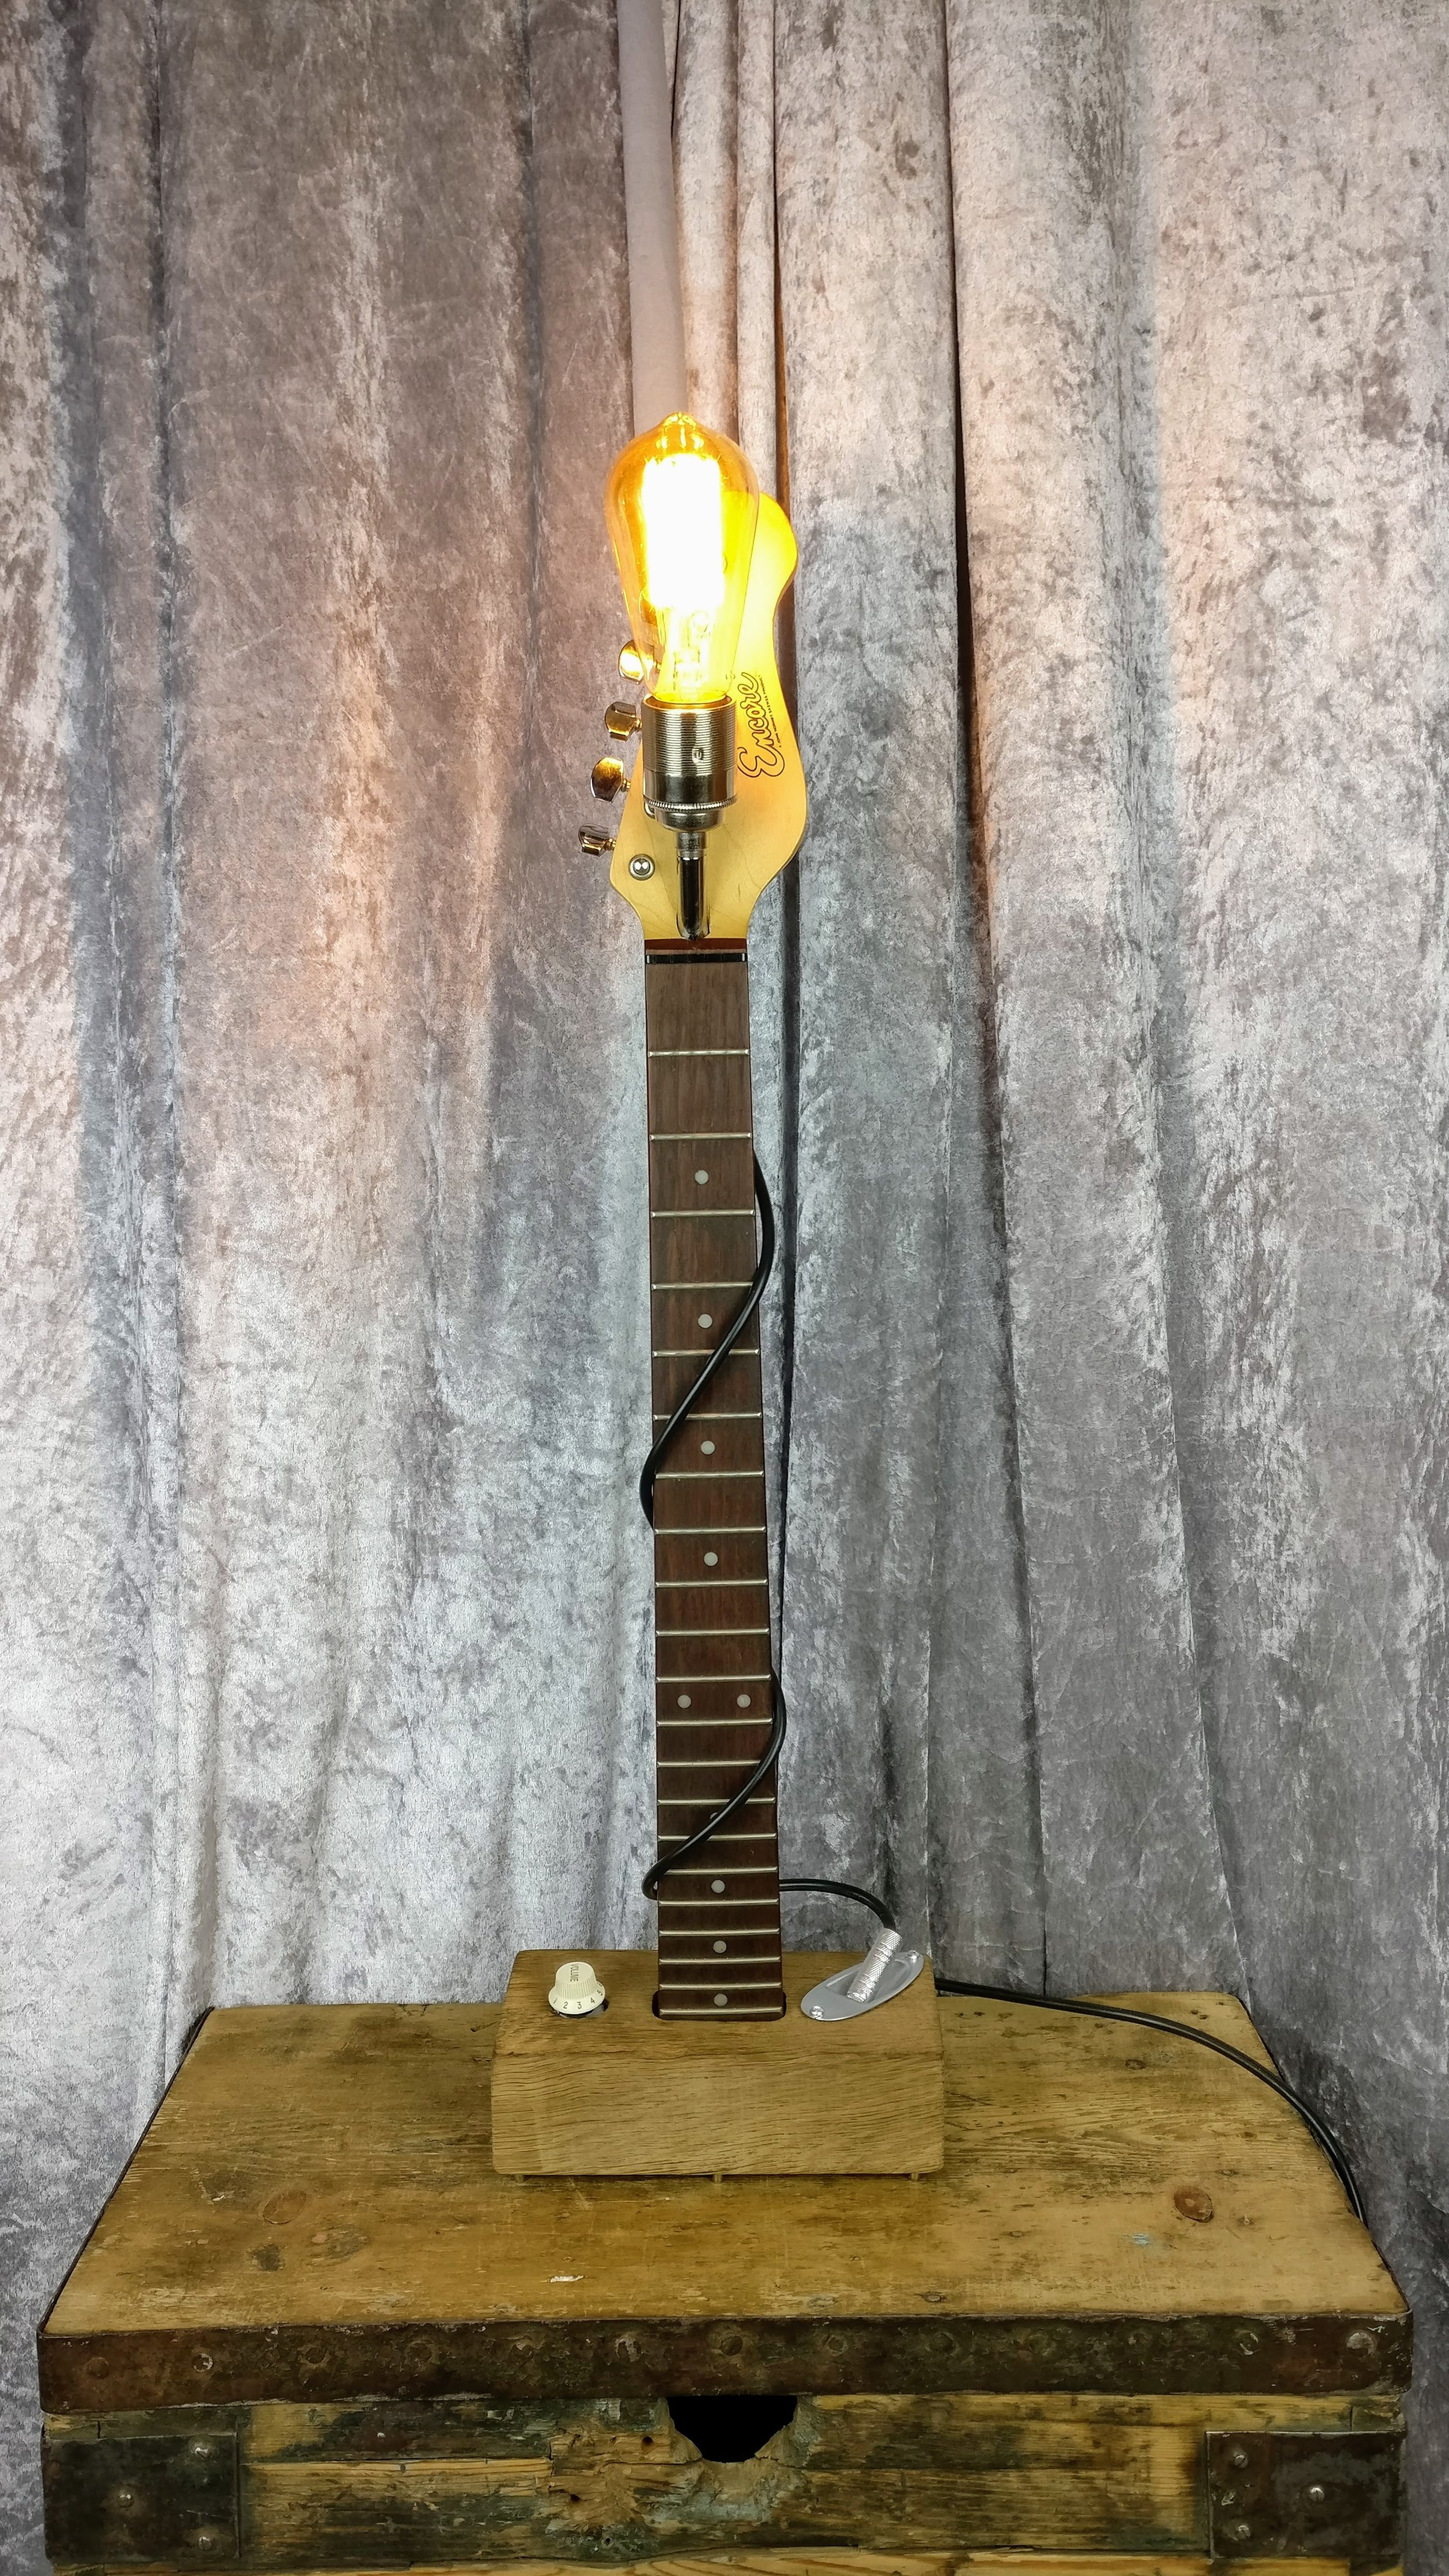 Electric Guitar Lamp